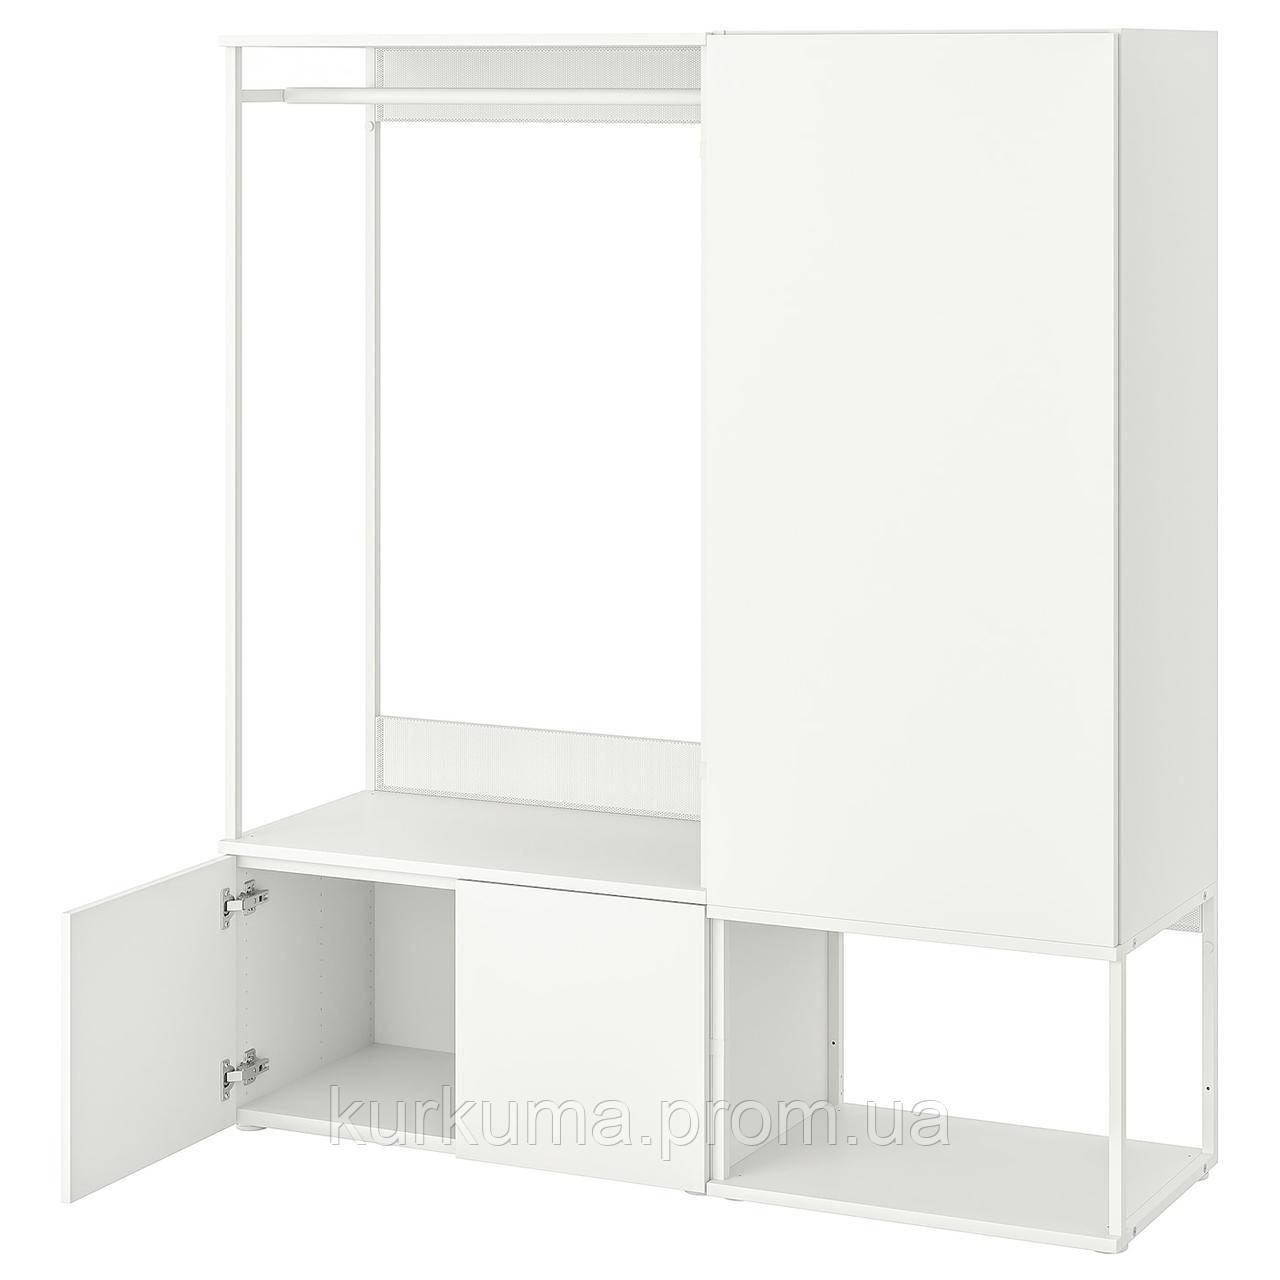 IKEA PLATSA Шкаф, белый, Фоннбелый белый, 140x42x161 см (193.239.29)